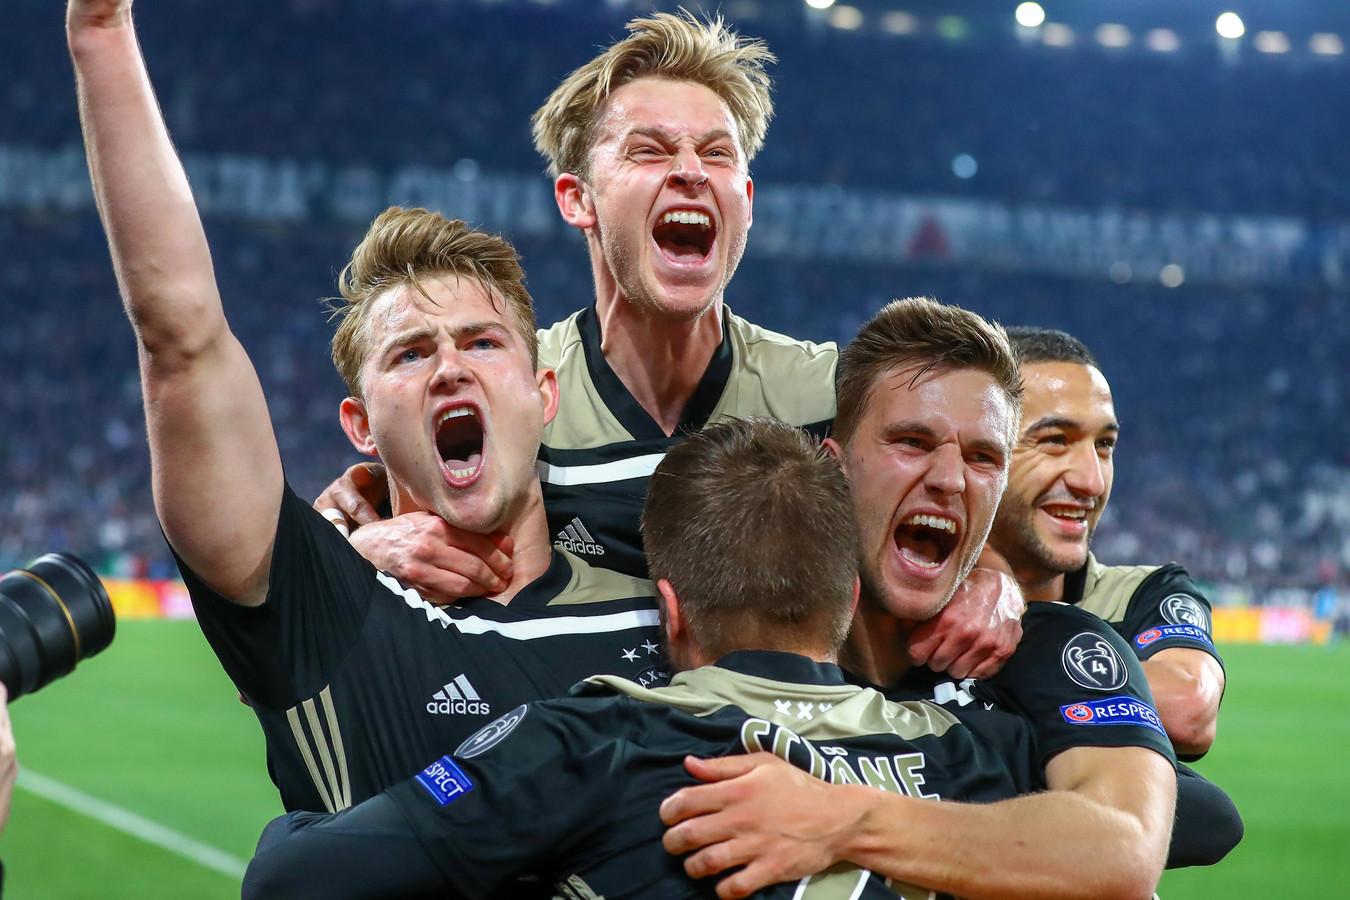 Vreugde bij d spelers van Ajax na de 1-2 van captain Matthijs de Ligt (19) tegen Juventus.